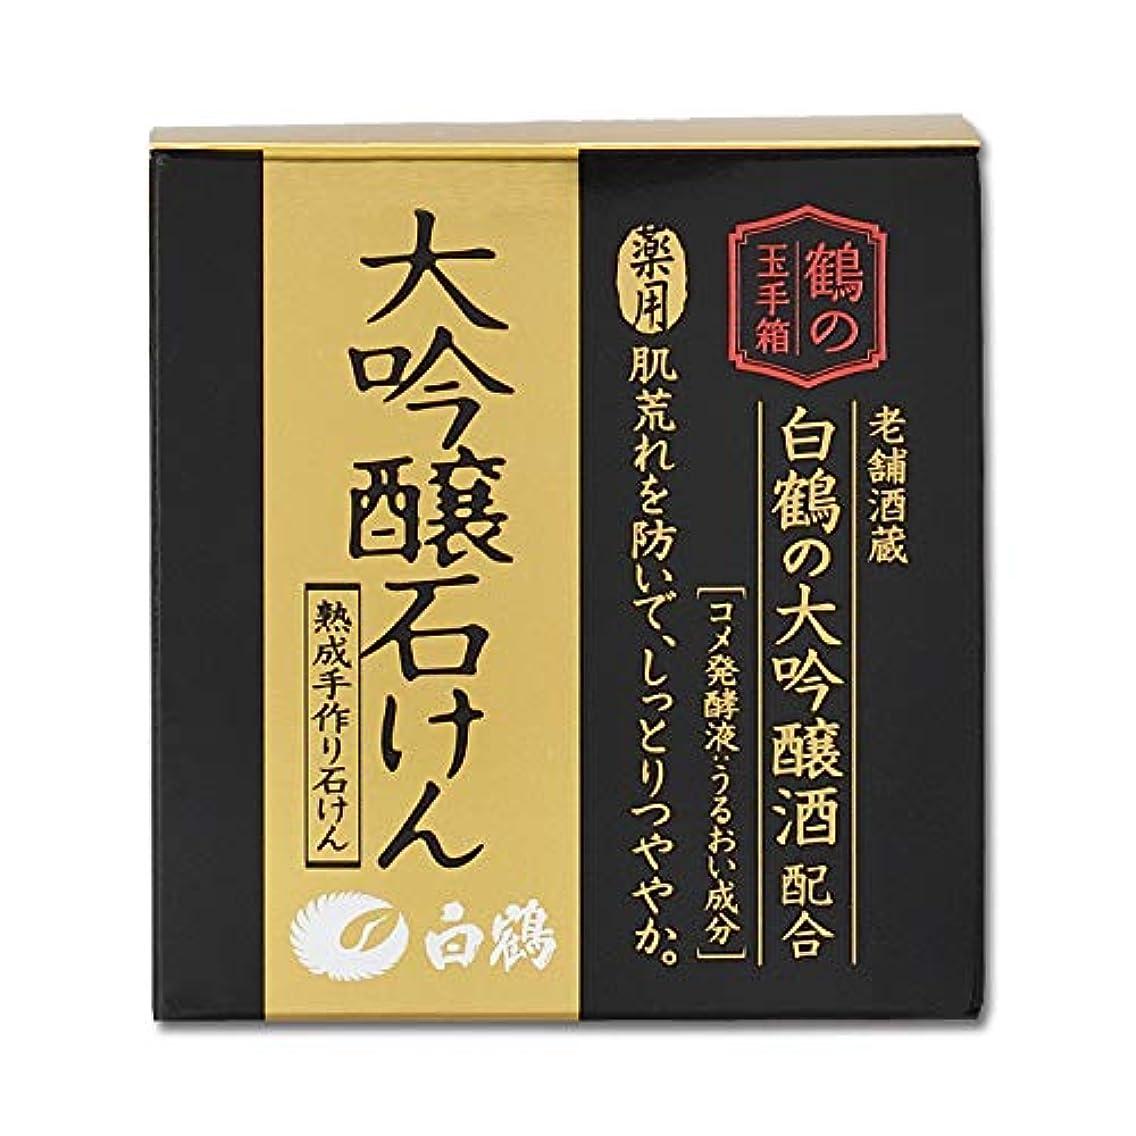 従う定刻慣らす白鶴 鶴の玉手箱 薬用 大吟醸石けん 100g (医薬部外品)